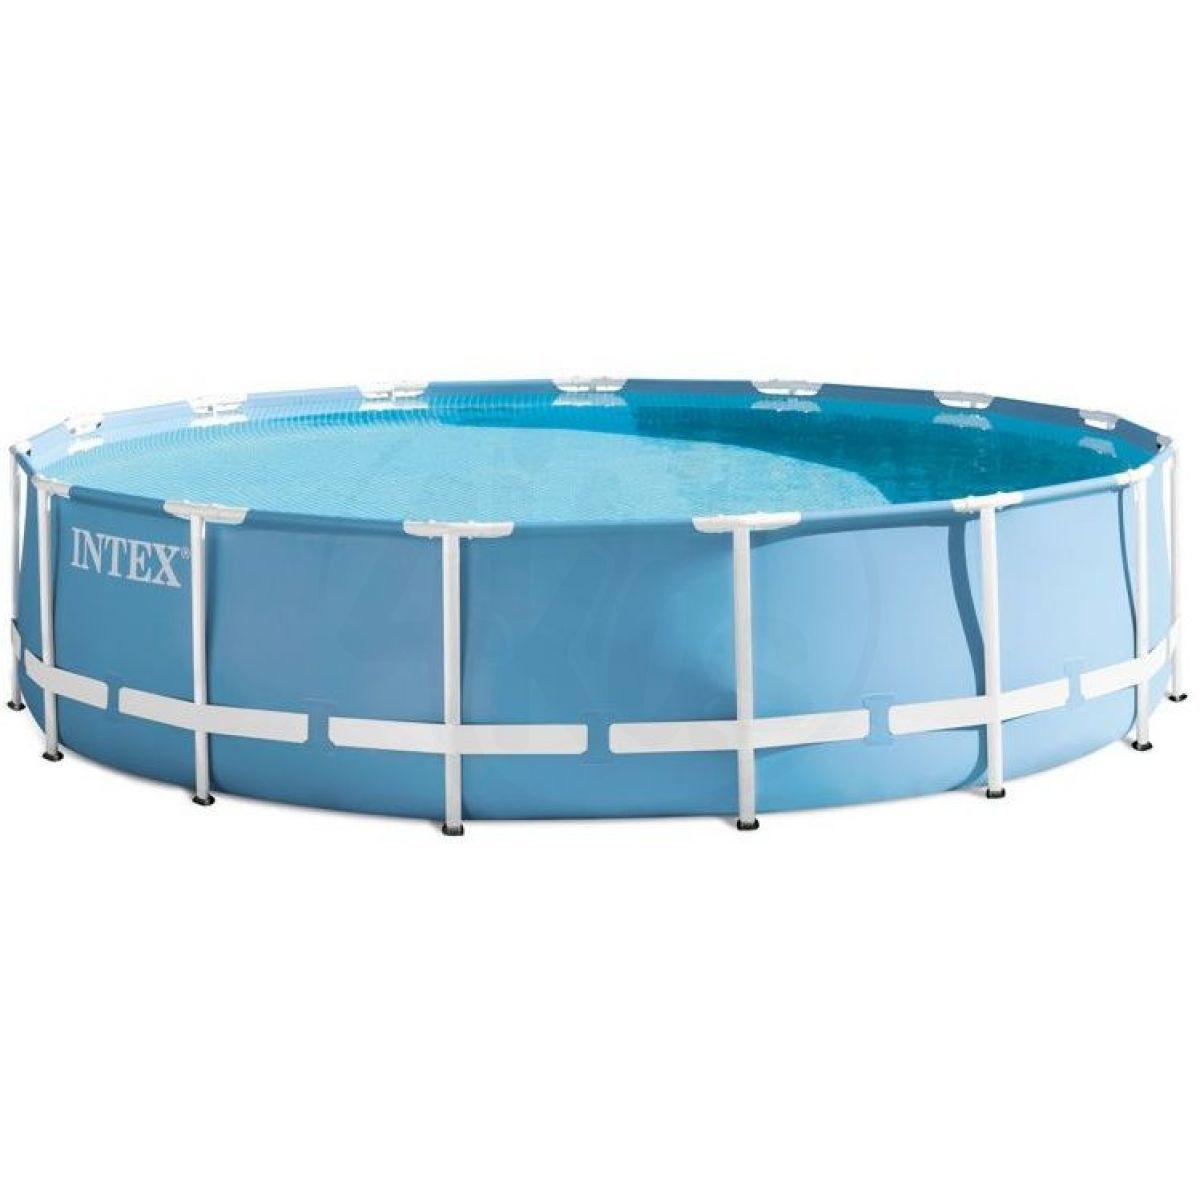 Intex 26762 Bazén kruhový s rámem Prism frame 7,32 x 1,32 m